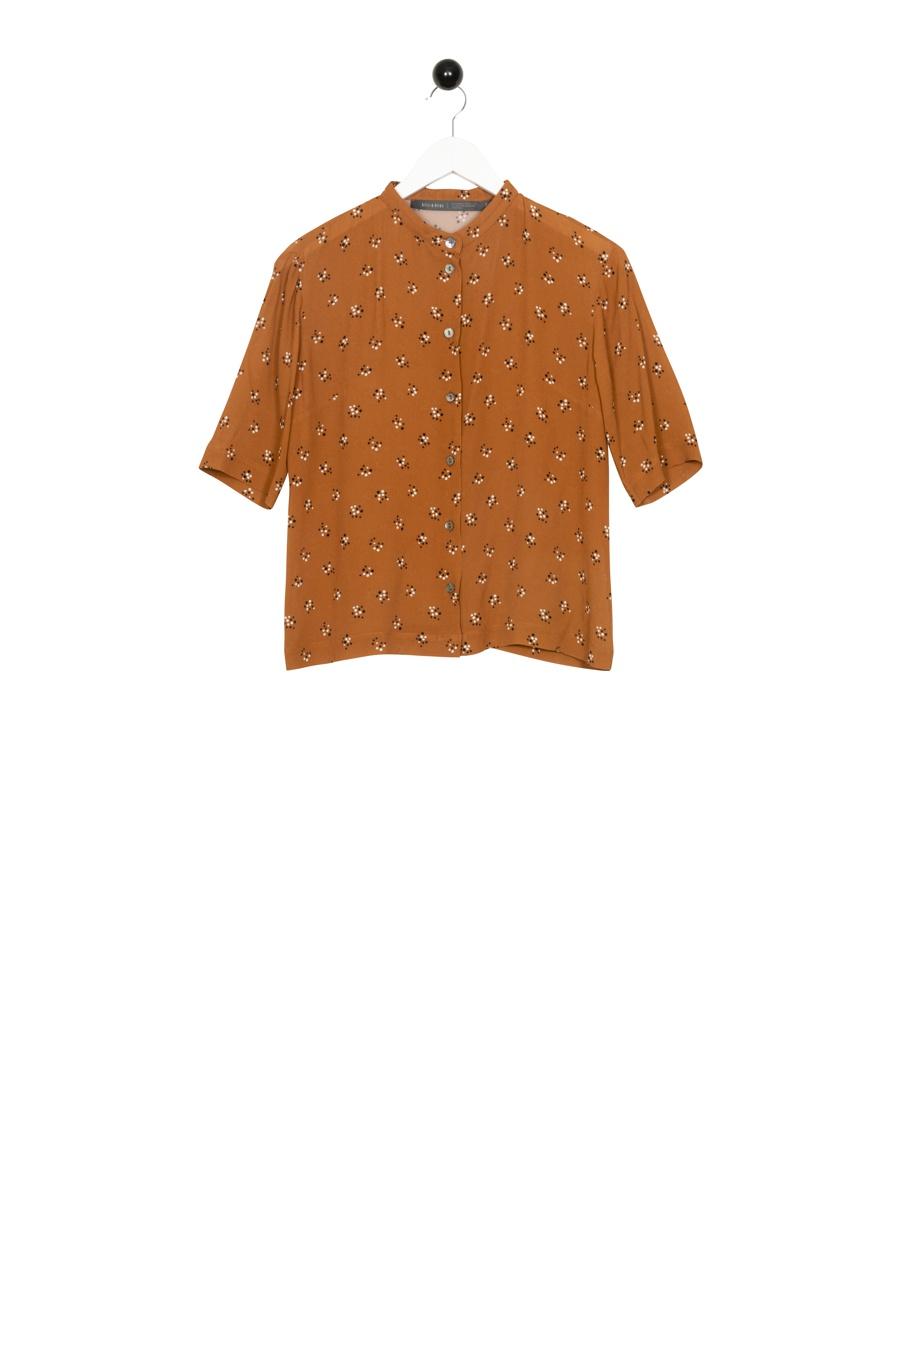 Örnsberg Shirt